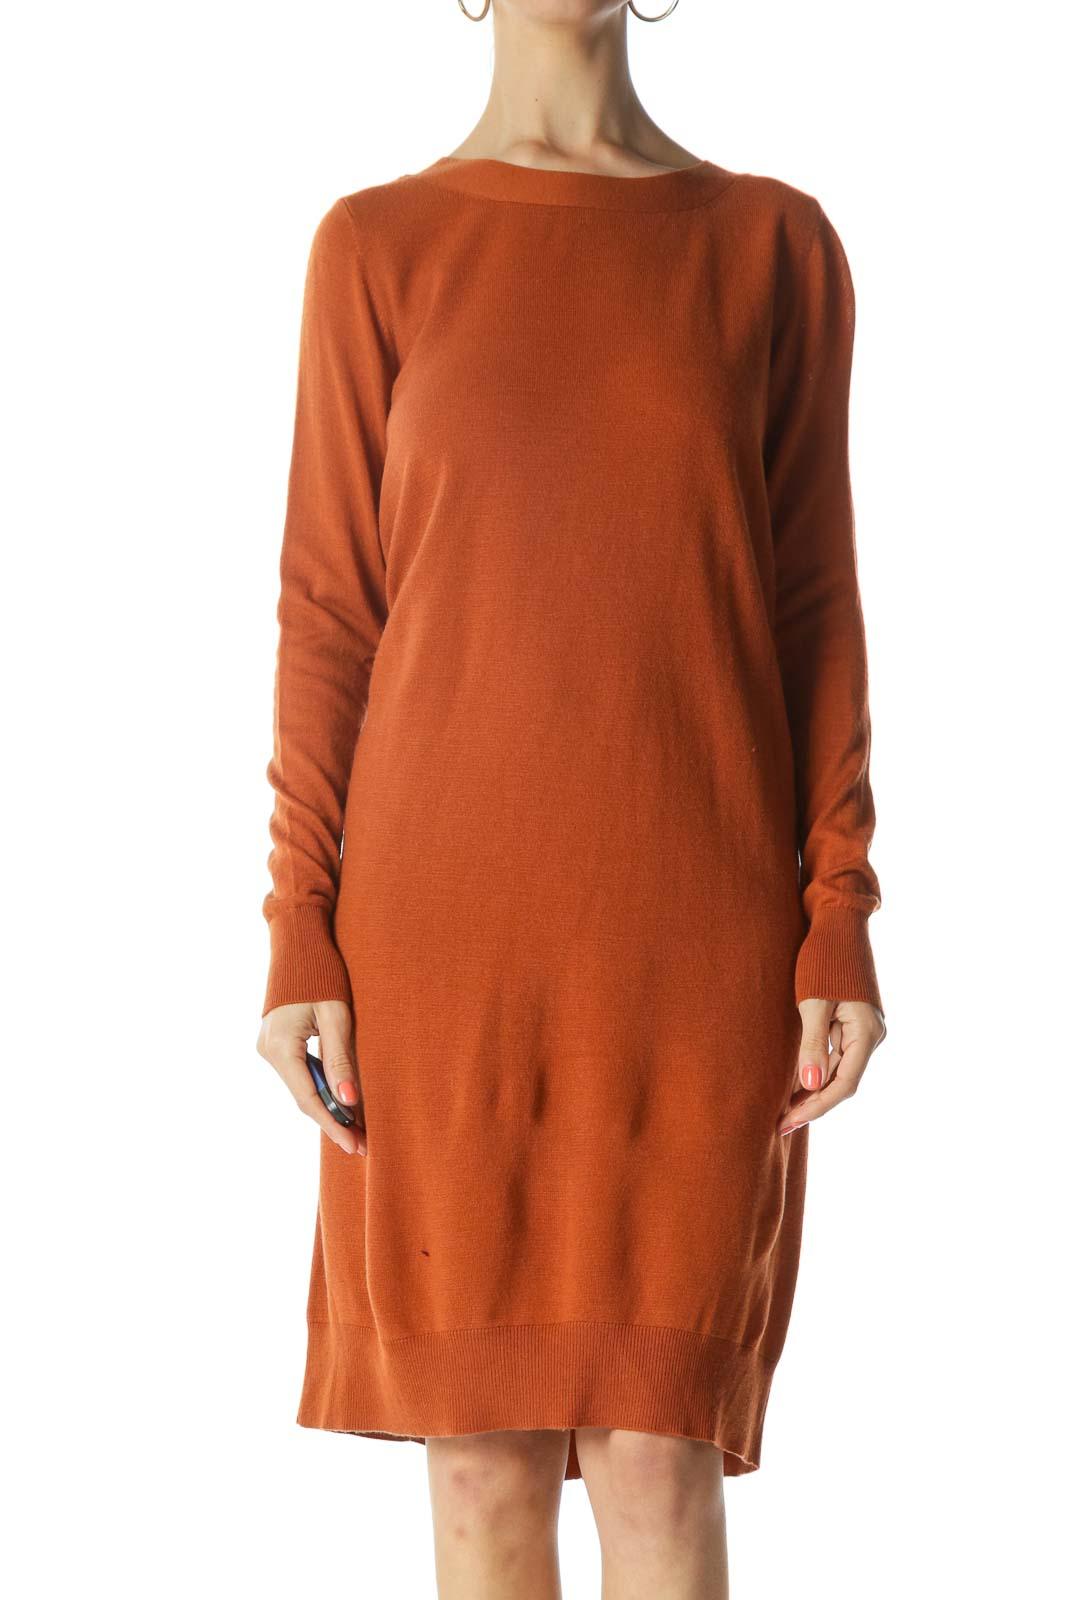 Burnt-Orange Back-V-Neck and Buttoned-Down Knit Dress